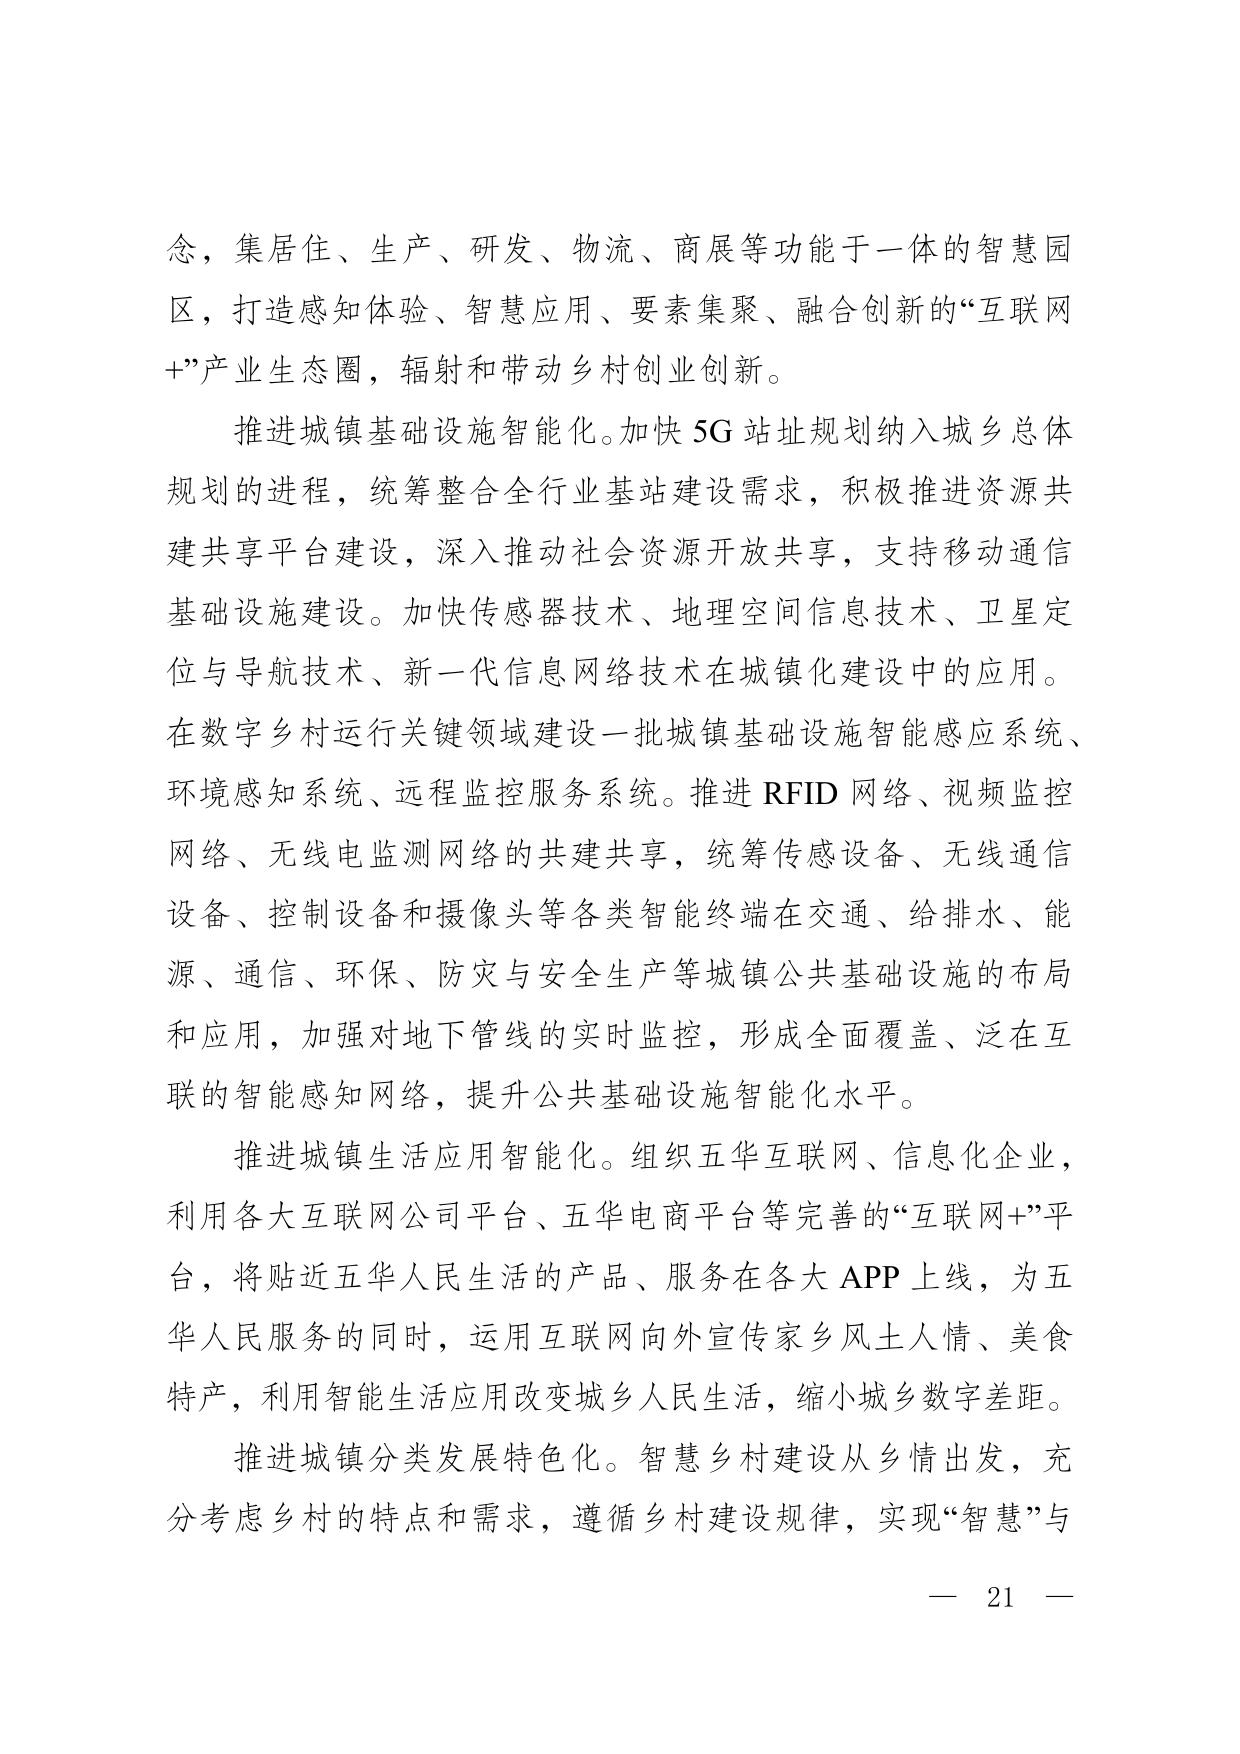 华办函〔2020〕5号关于印发《五华县数字乡村发展总体规划(2020—2025年)》的通知0020.jpg